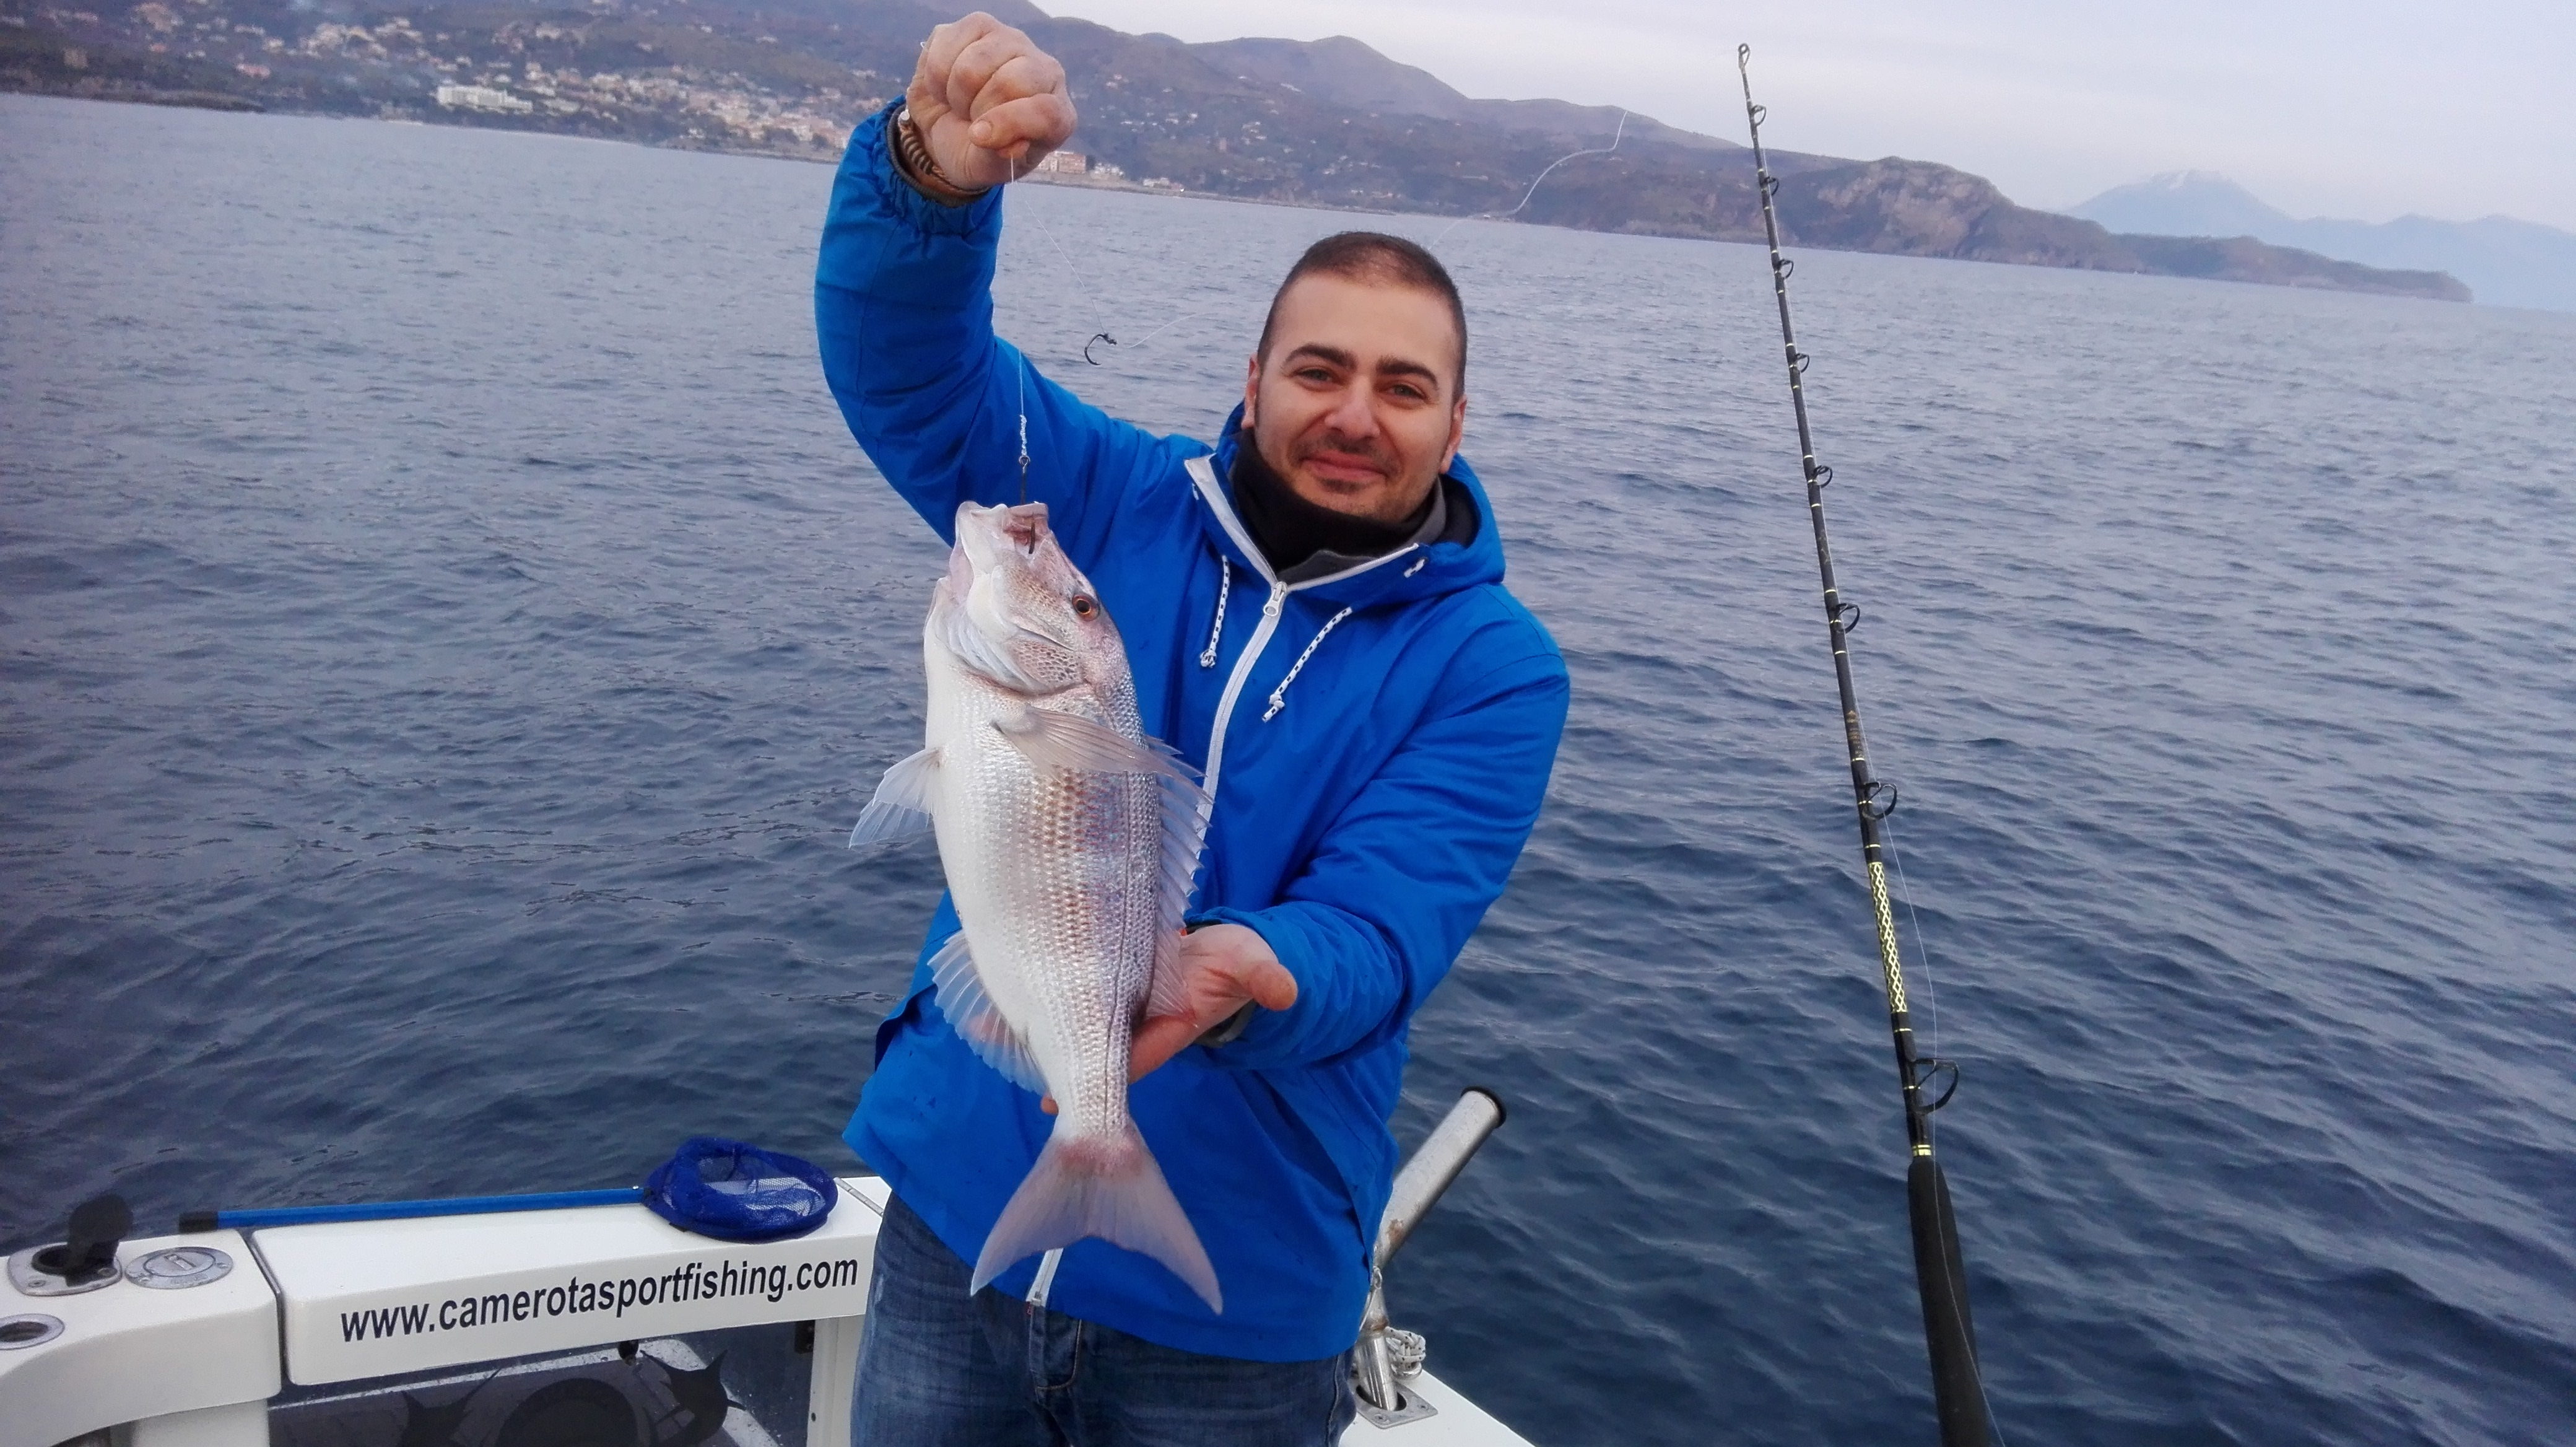 camerotasportfishing